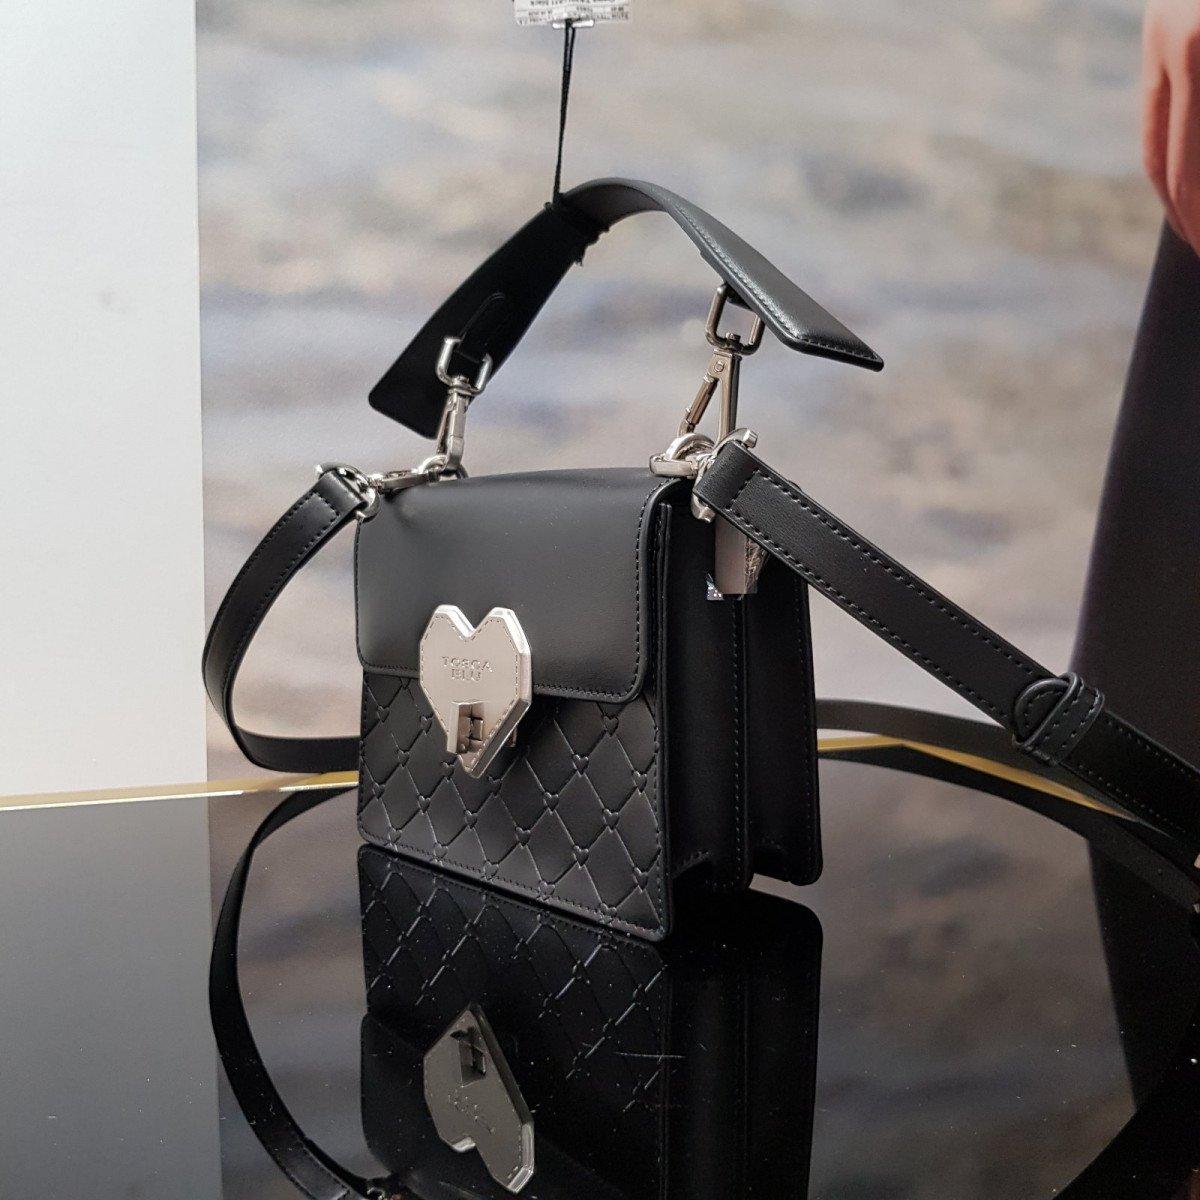 Кожаная женская сумка Tosca Blu TS2015B51 black из натуральной кожи